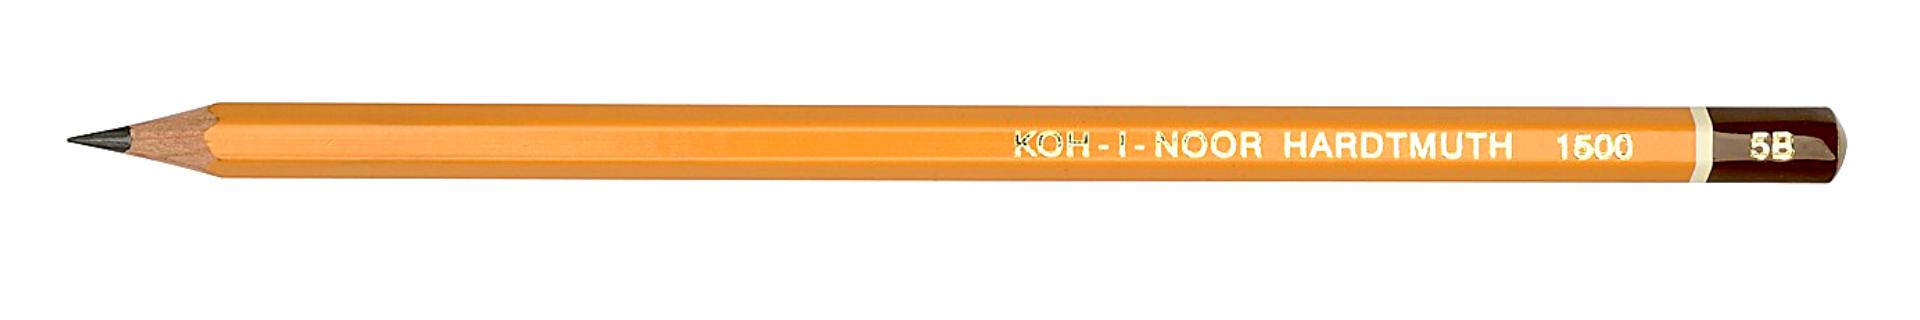 Koh-I-Noor Hardtmuth 1500